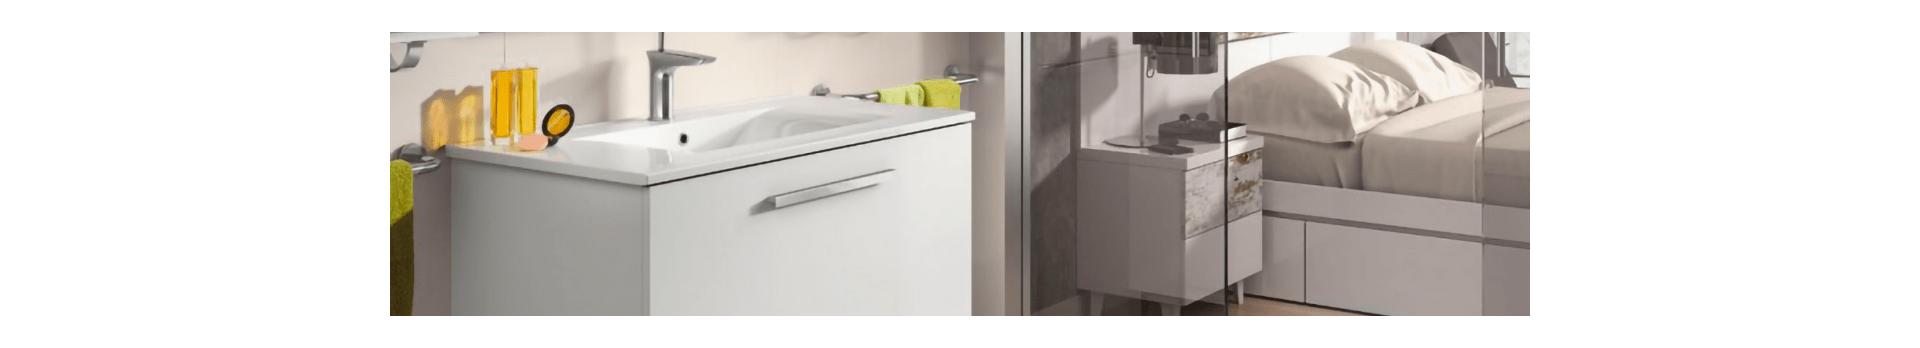 Muebles Lavabo para Baño | Mobelfy ®